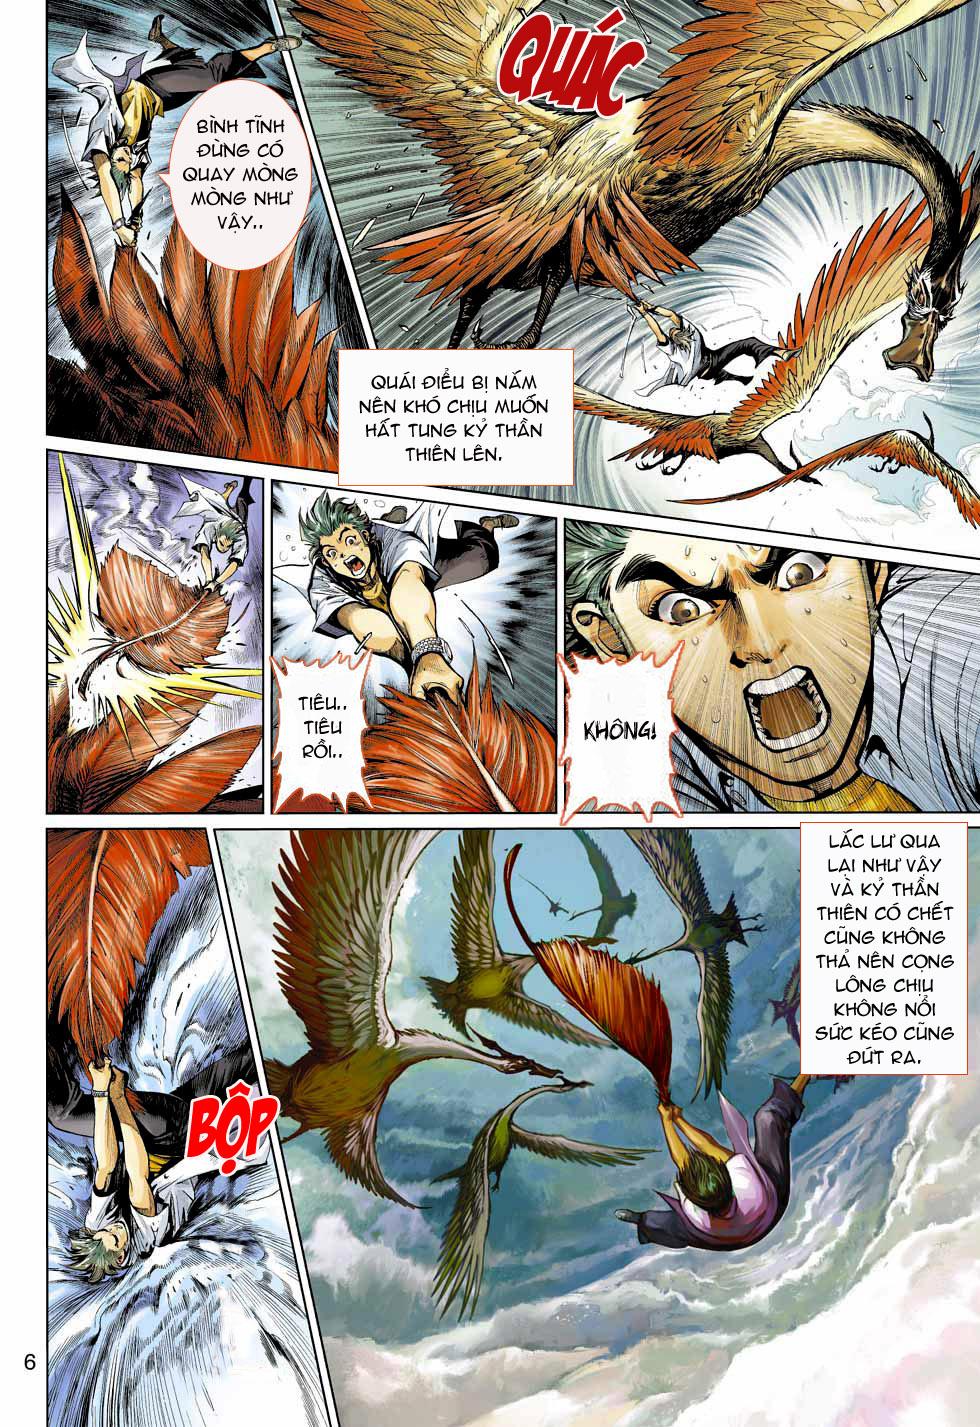 Thần Binh 4 chap 4 - Trang 6